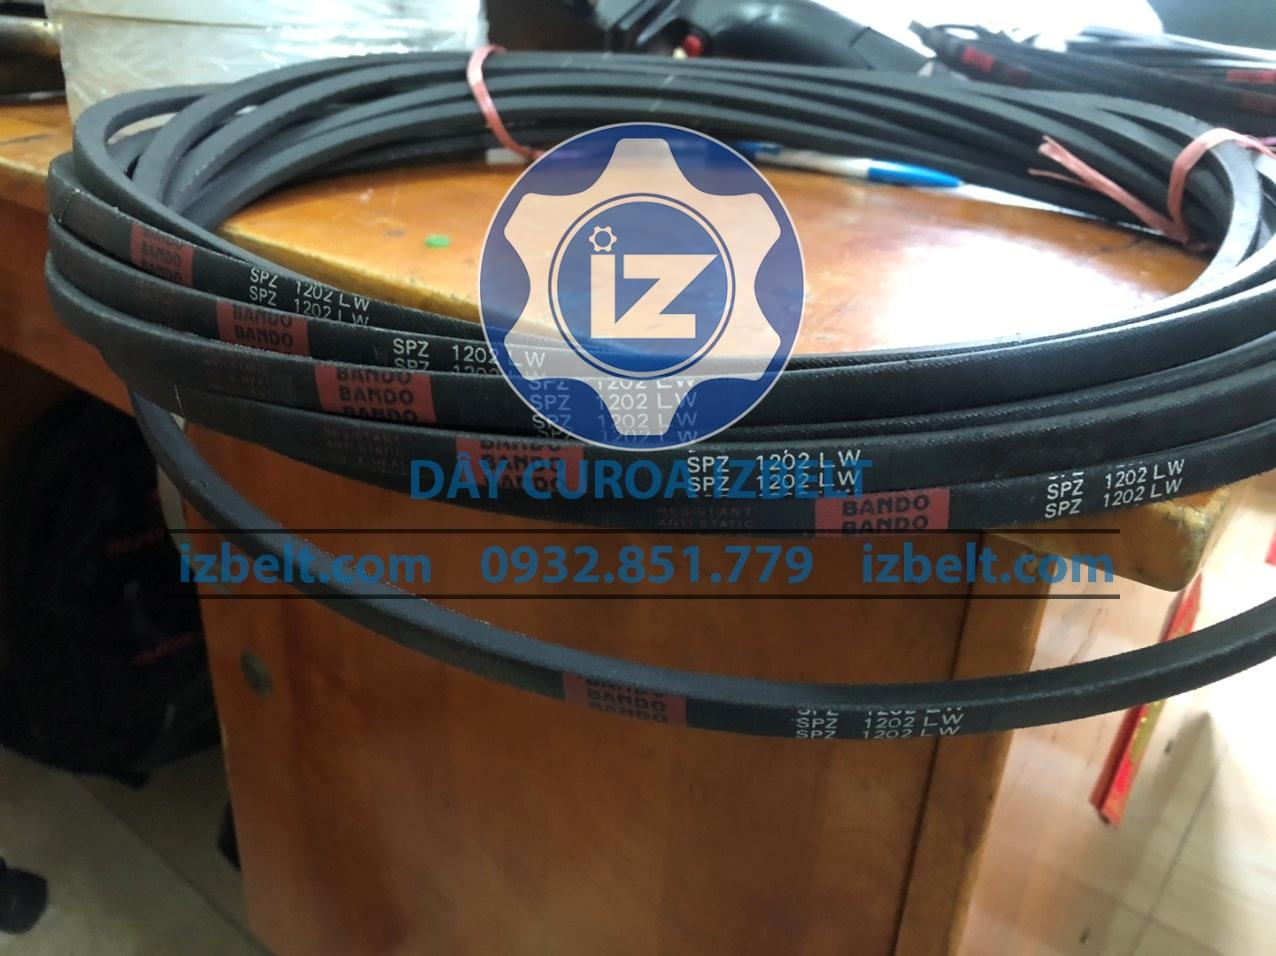 day-curoa-bando-spz1202